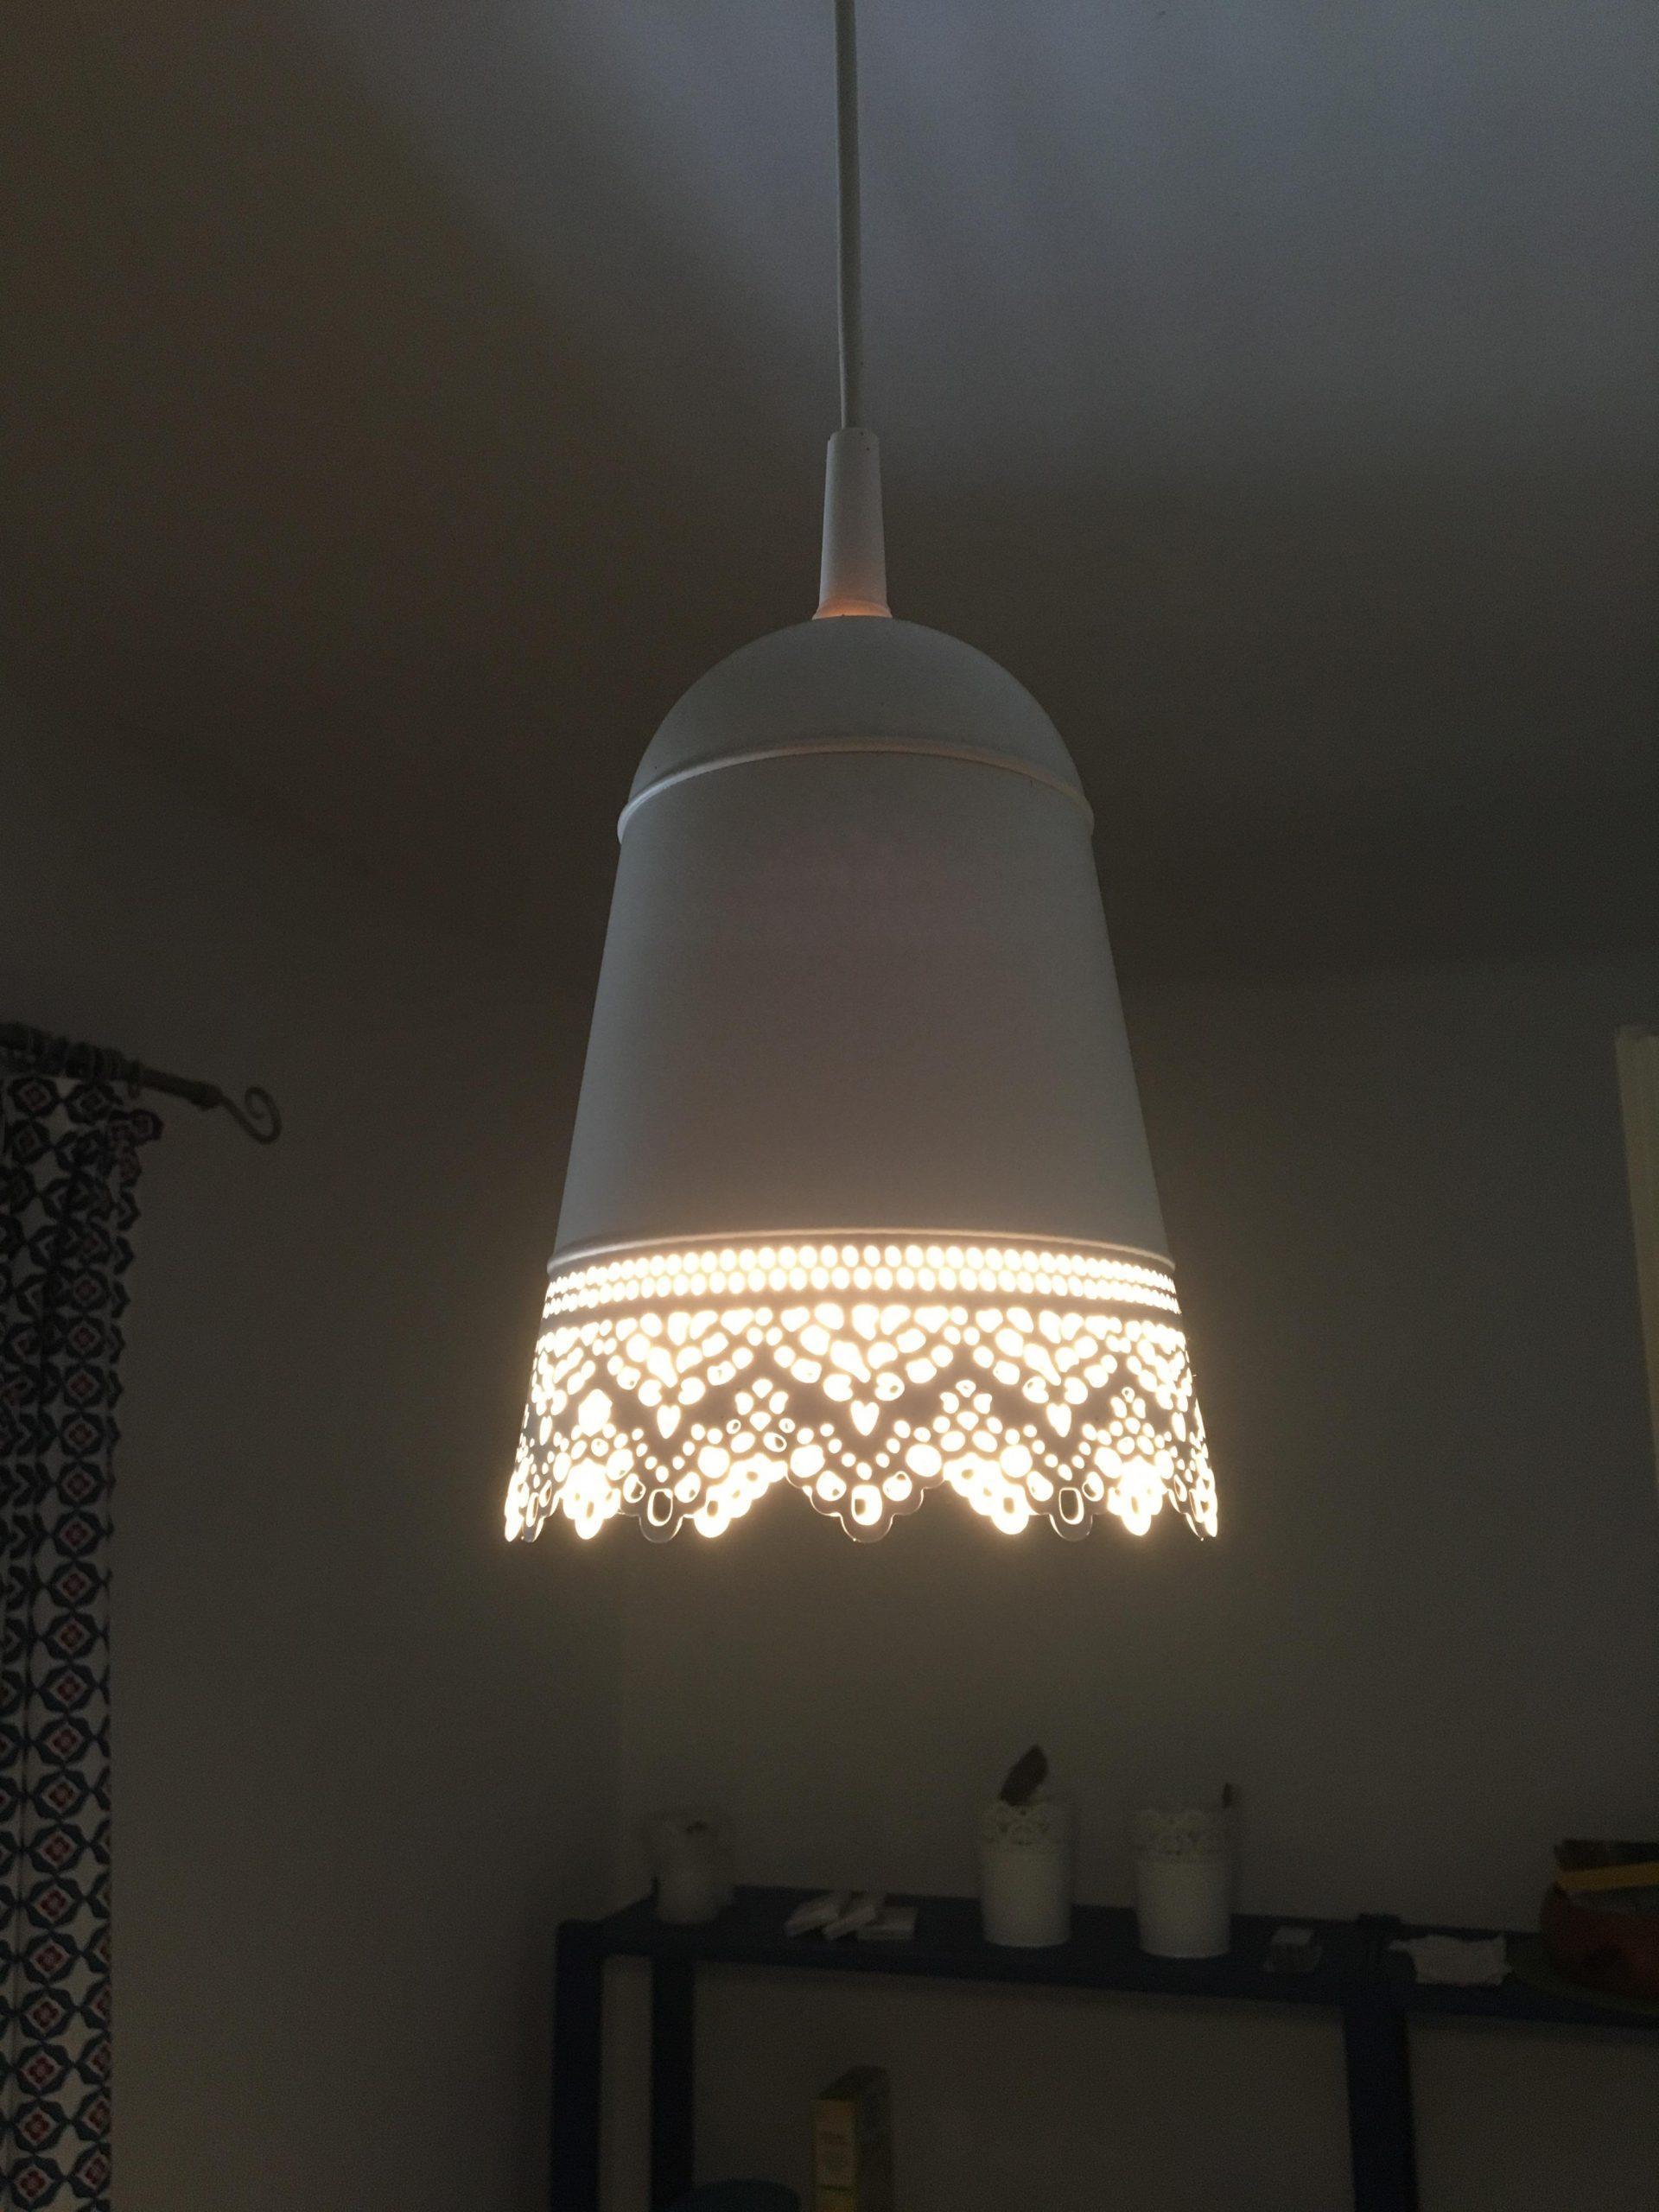 Full Size of Eine Blumenhngeampel Von Ikea Zur Deckenlampe Umgeb Bad Wohnzimmer Deckenlampen Küche Kaufen Miniküche Kosten Modern Sofa Mit Schlaffunktion Betten 160x200 Wohnzimmer Deckenlampe Ikea